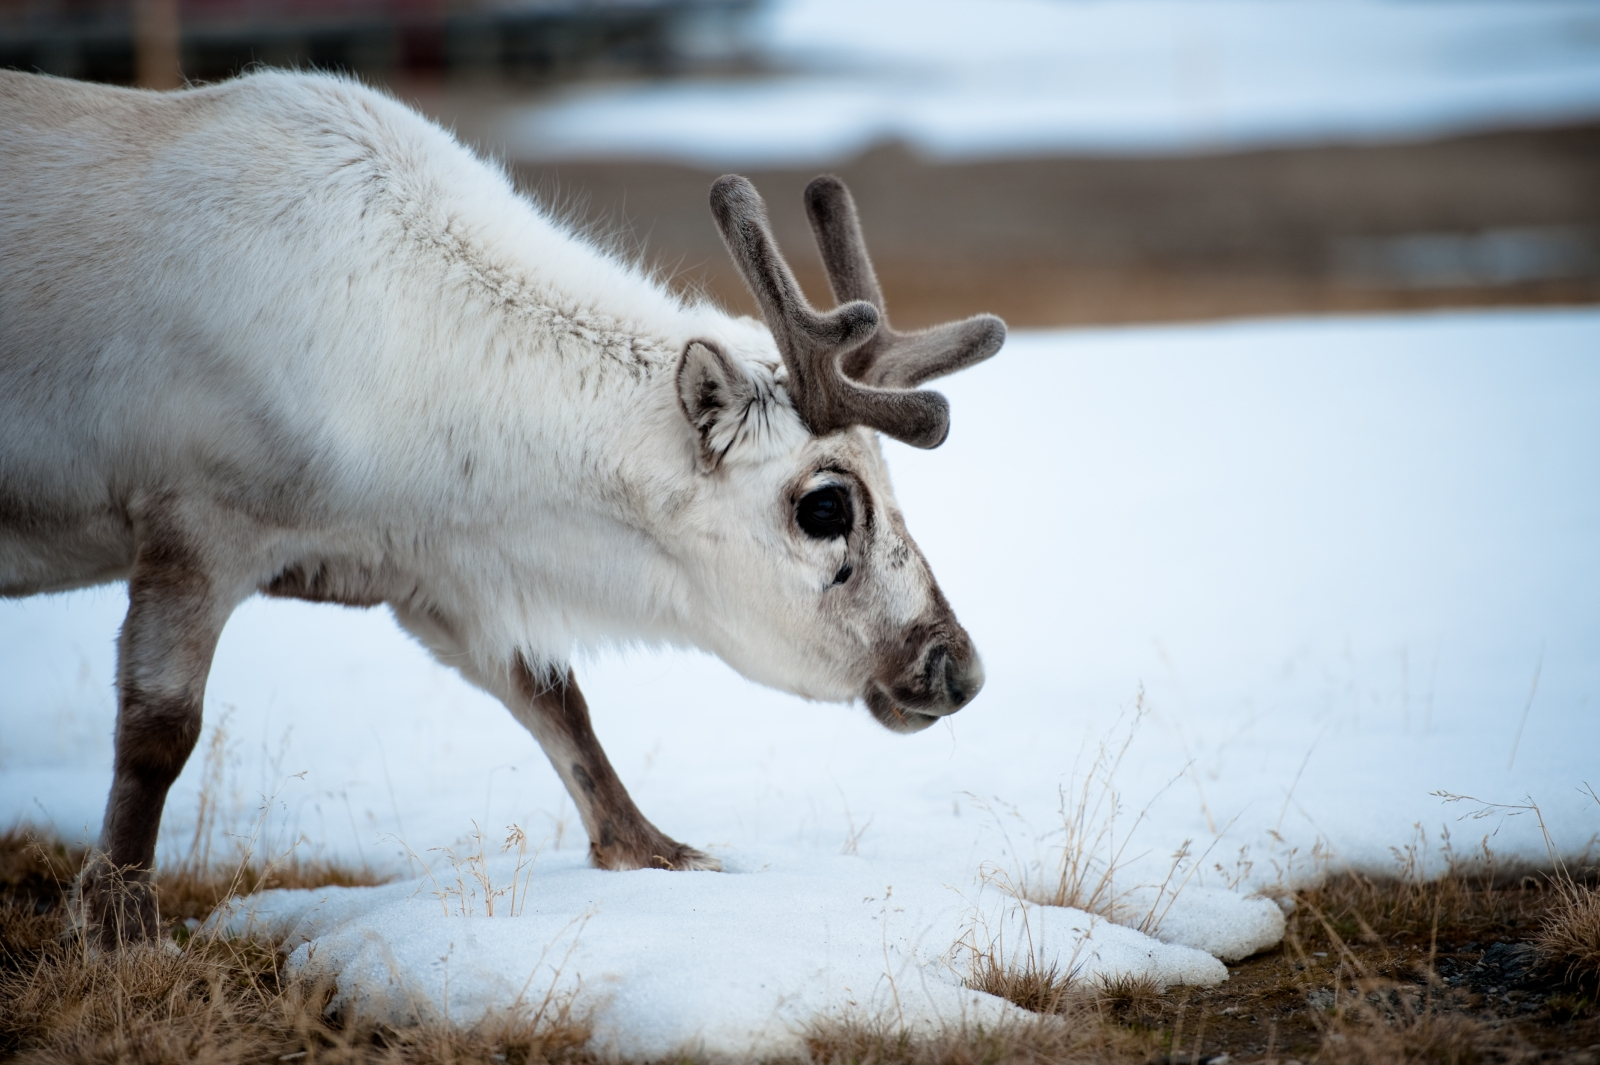 Arctic reindeer becoming smaller